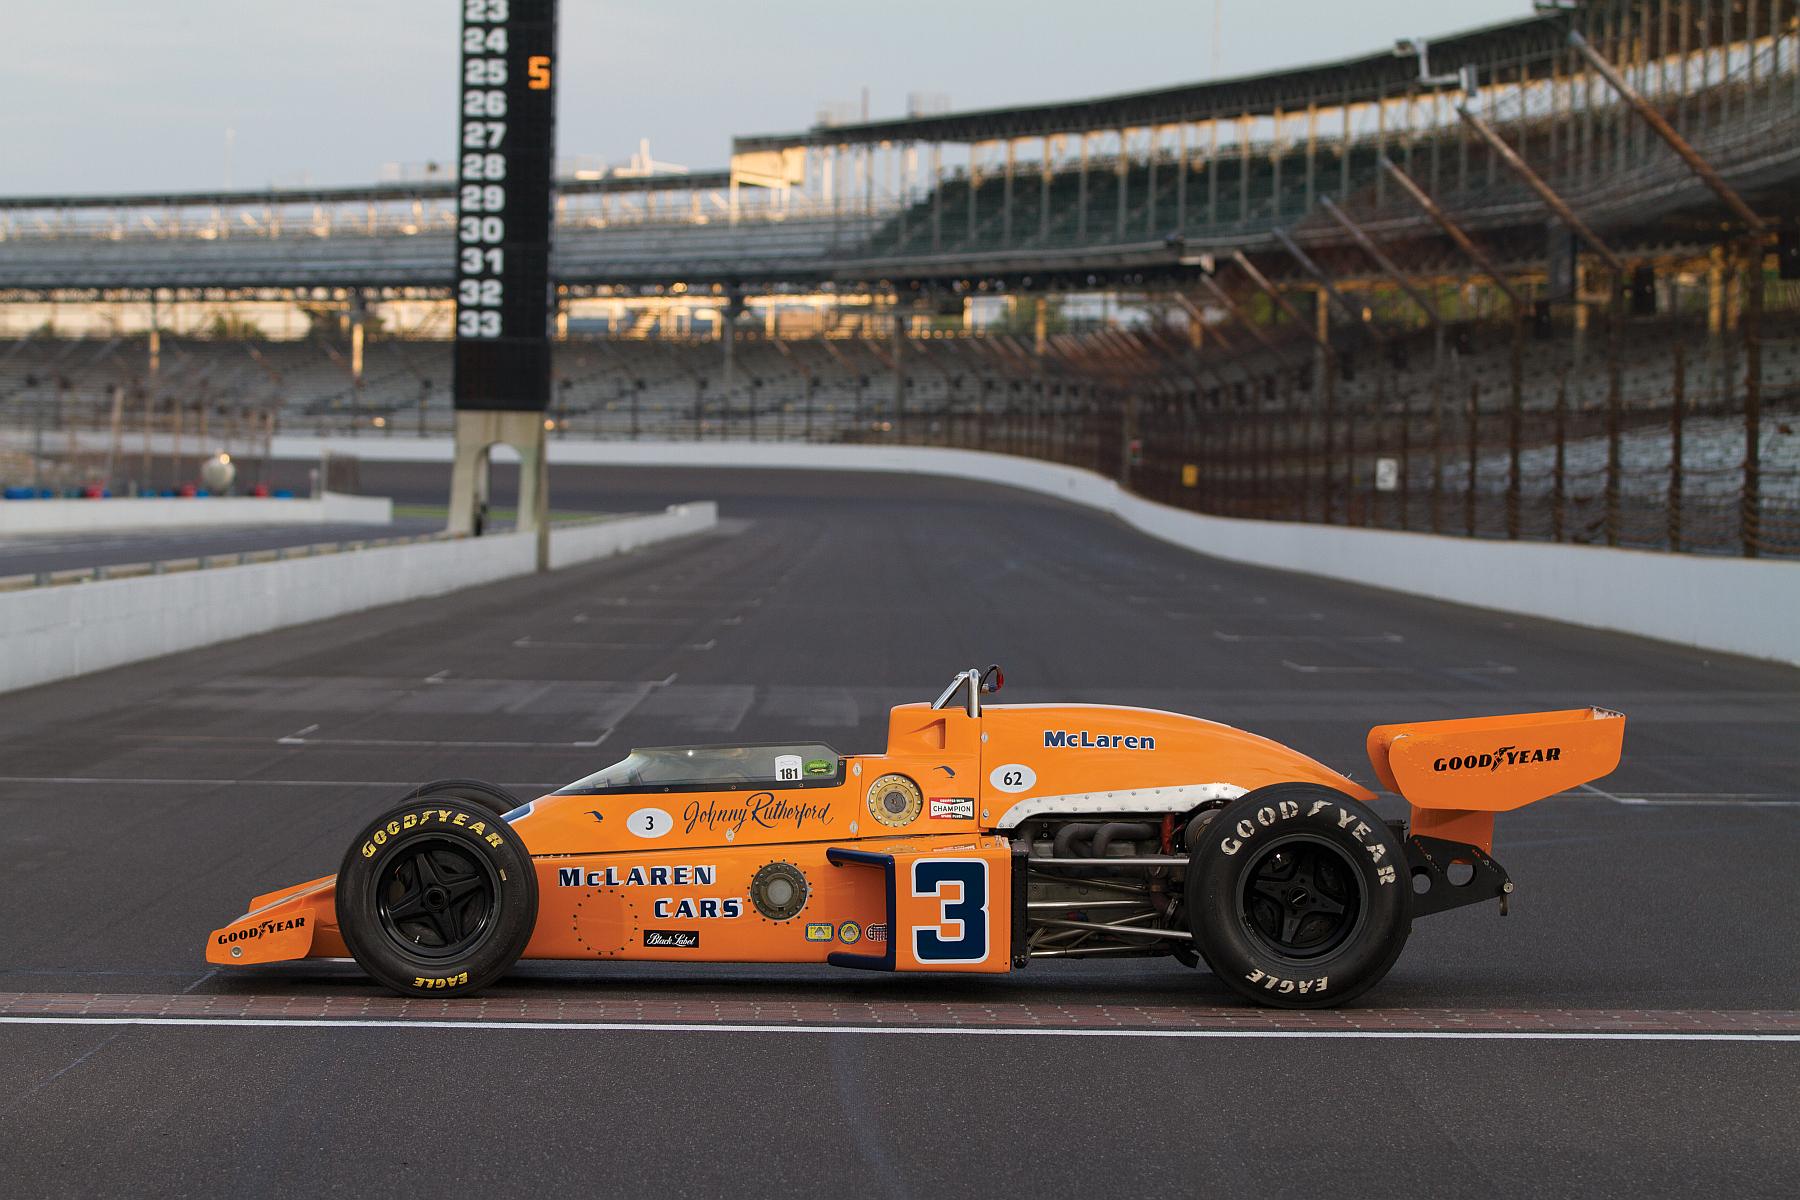 McLaren M16C/D 1974 Indy 500 winner